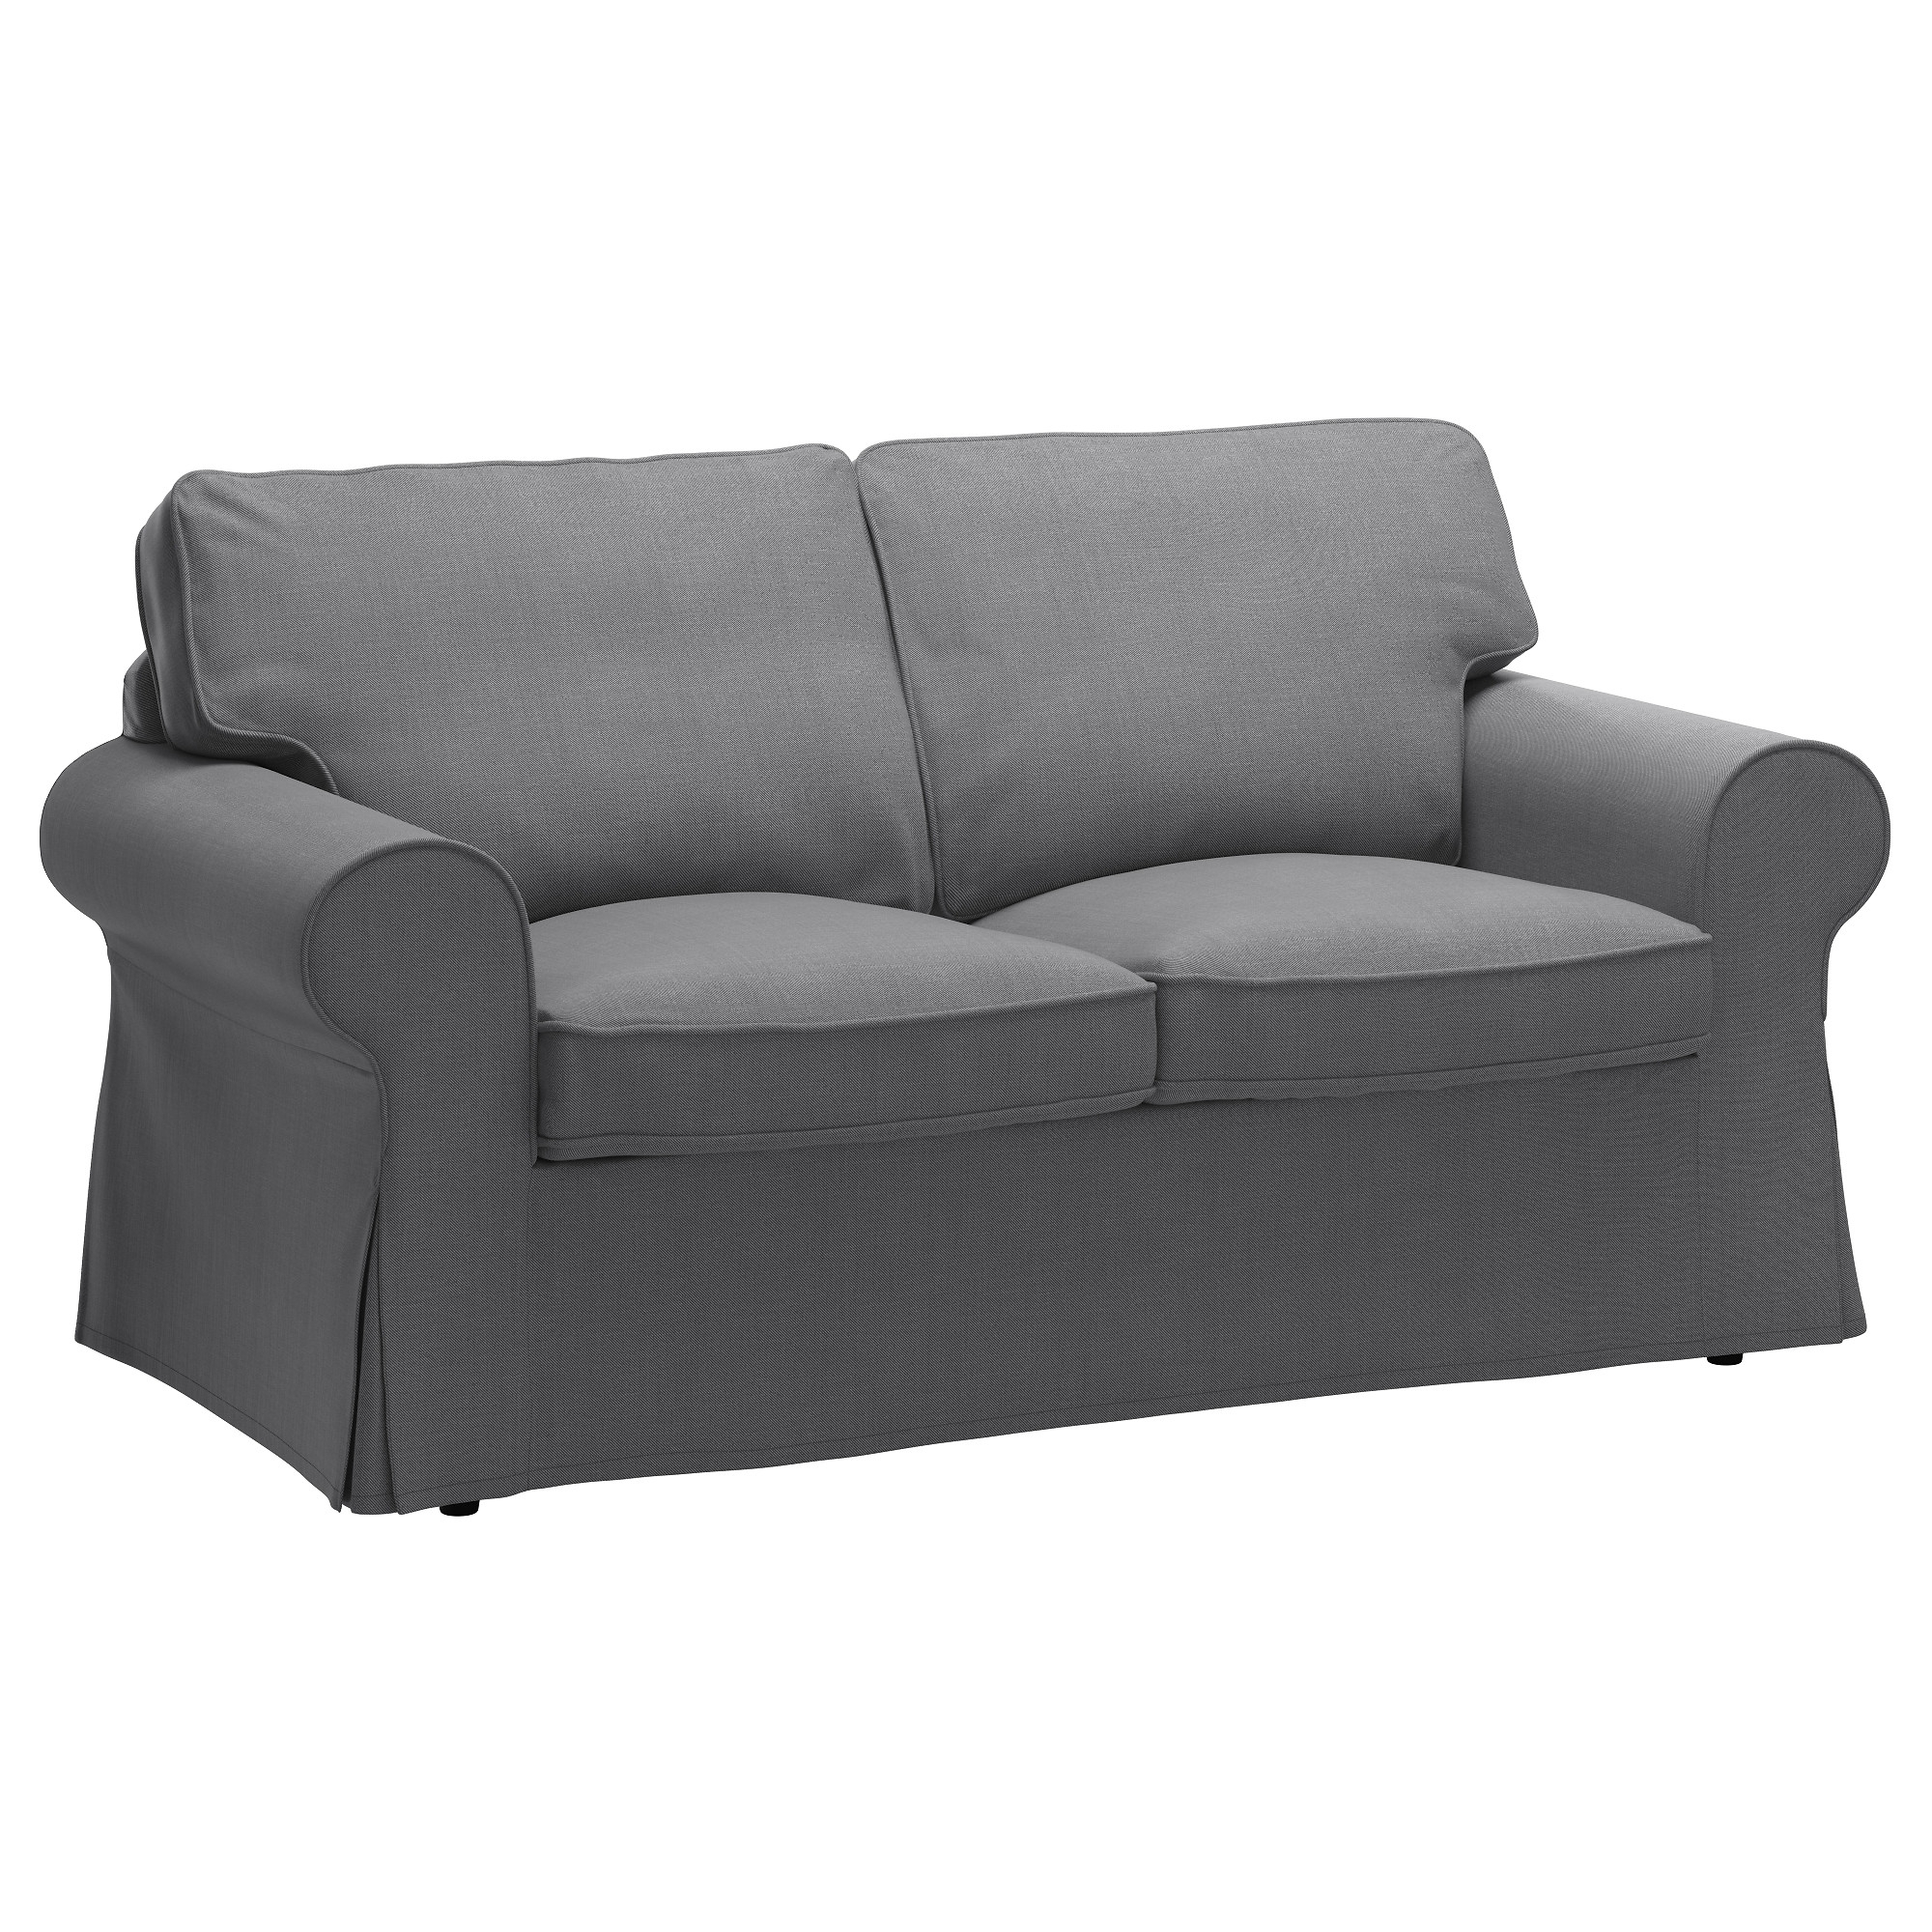 Ikea Two Seater Sofas With Trendy Ektorp Two Seat Sofa Nordvalla Dark Grey – Ikea (View 8 of 20)